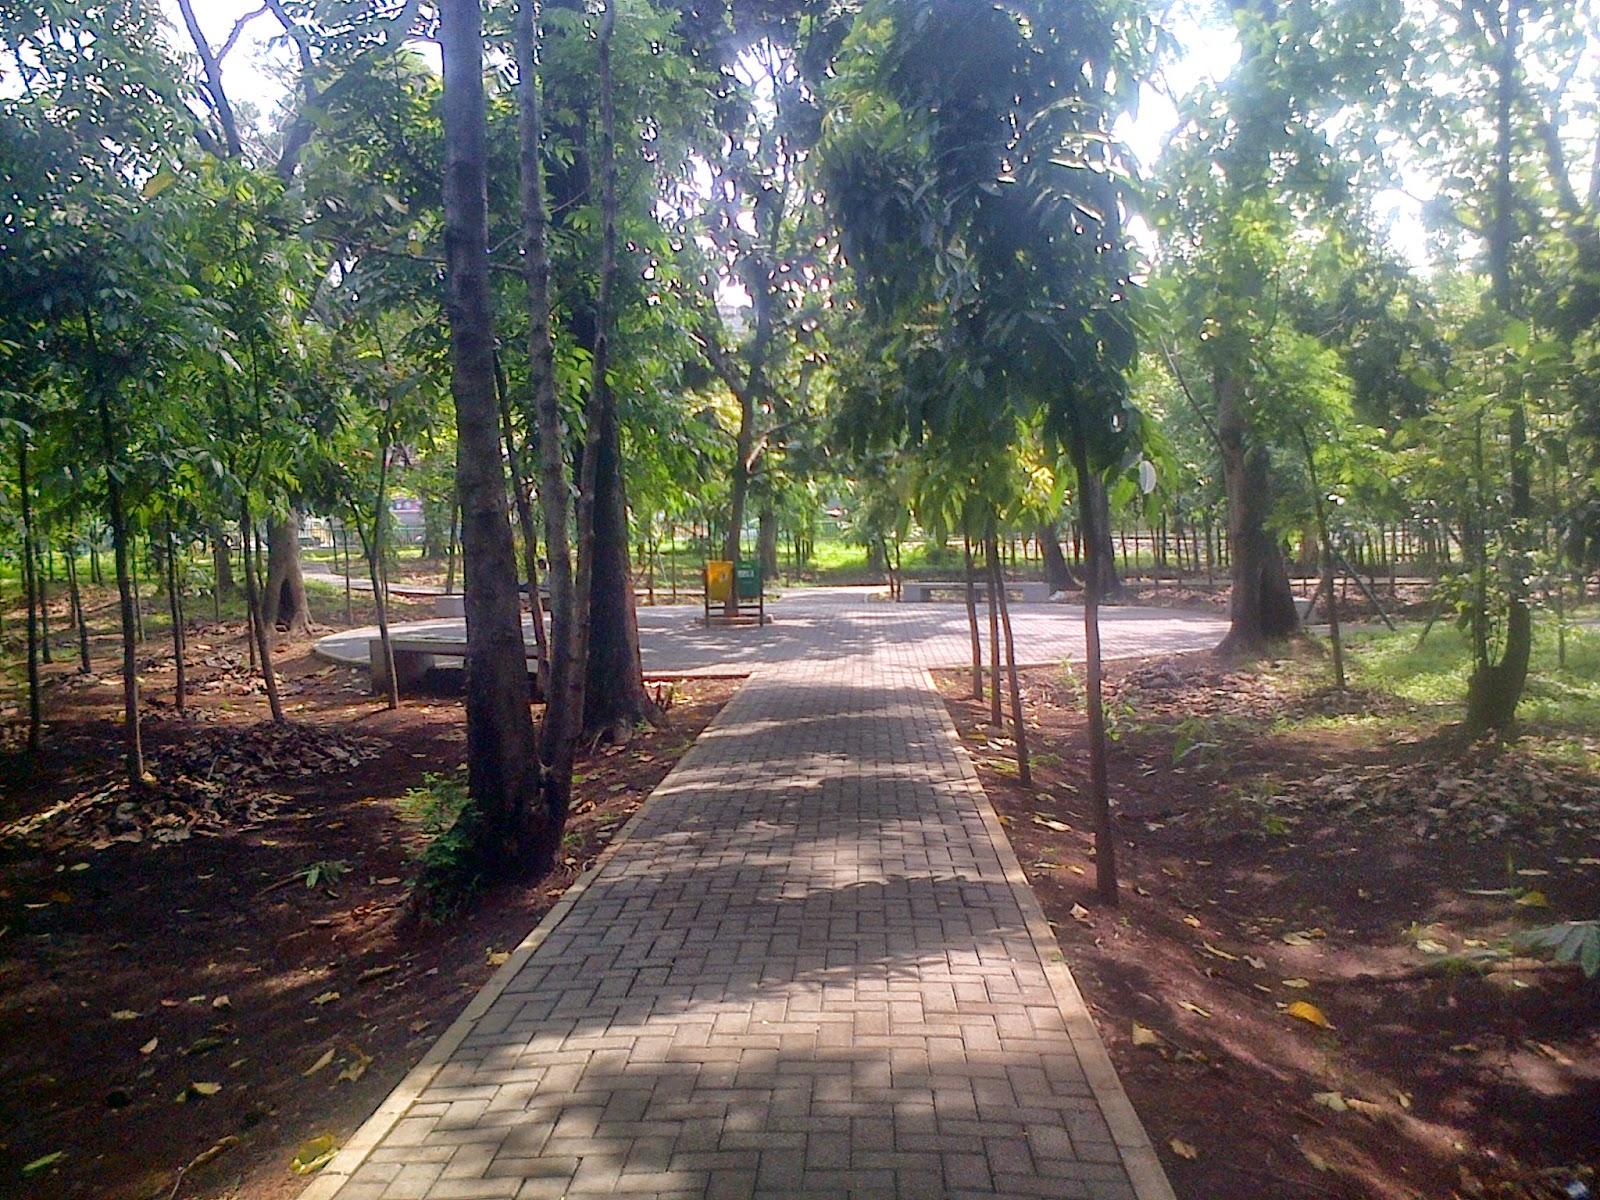 Bang Imam Berbagi Taman Hutan Kota Bina Bangsa Bekasi